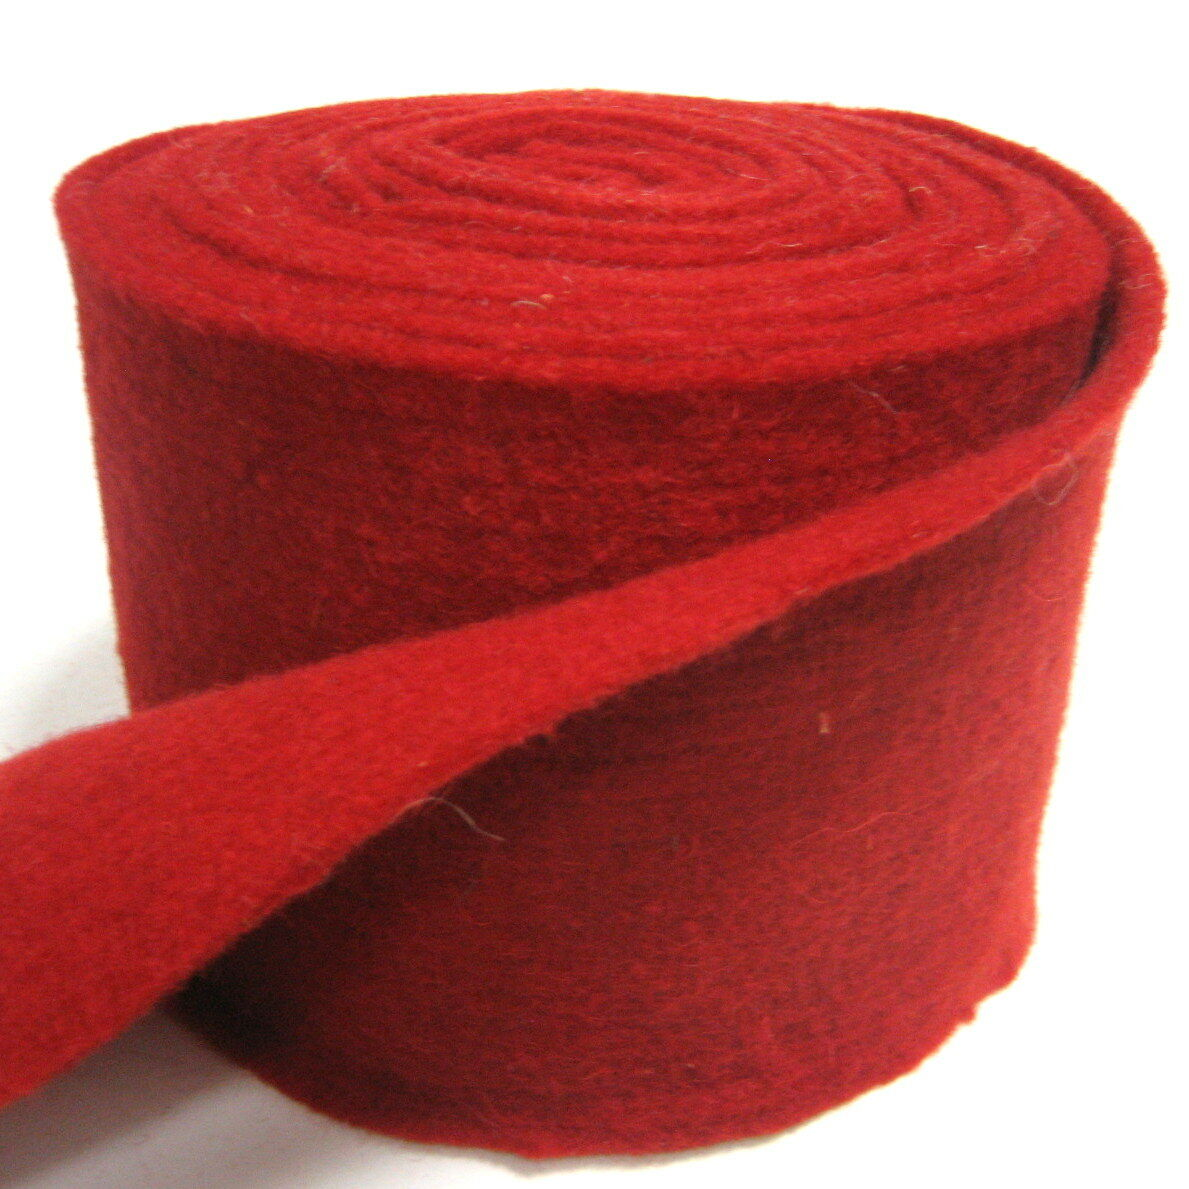 Topfband Filz 5 m x 15 cm Dekoband Wollvlies Filzband Wollband Schafwolle Bastel - Rot